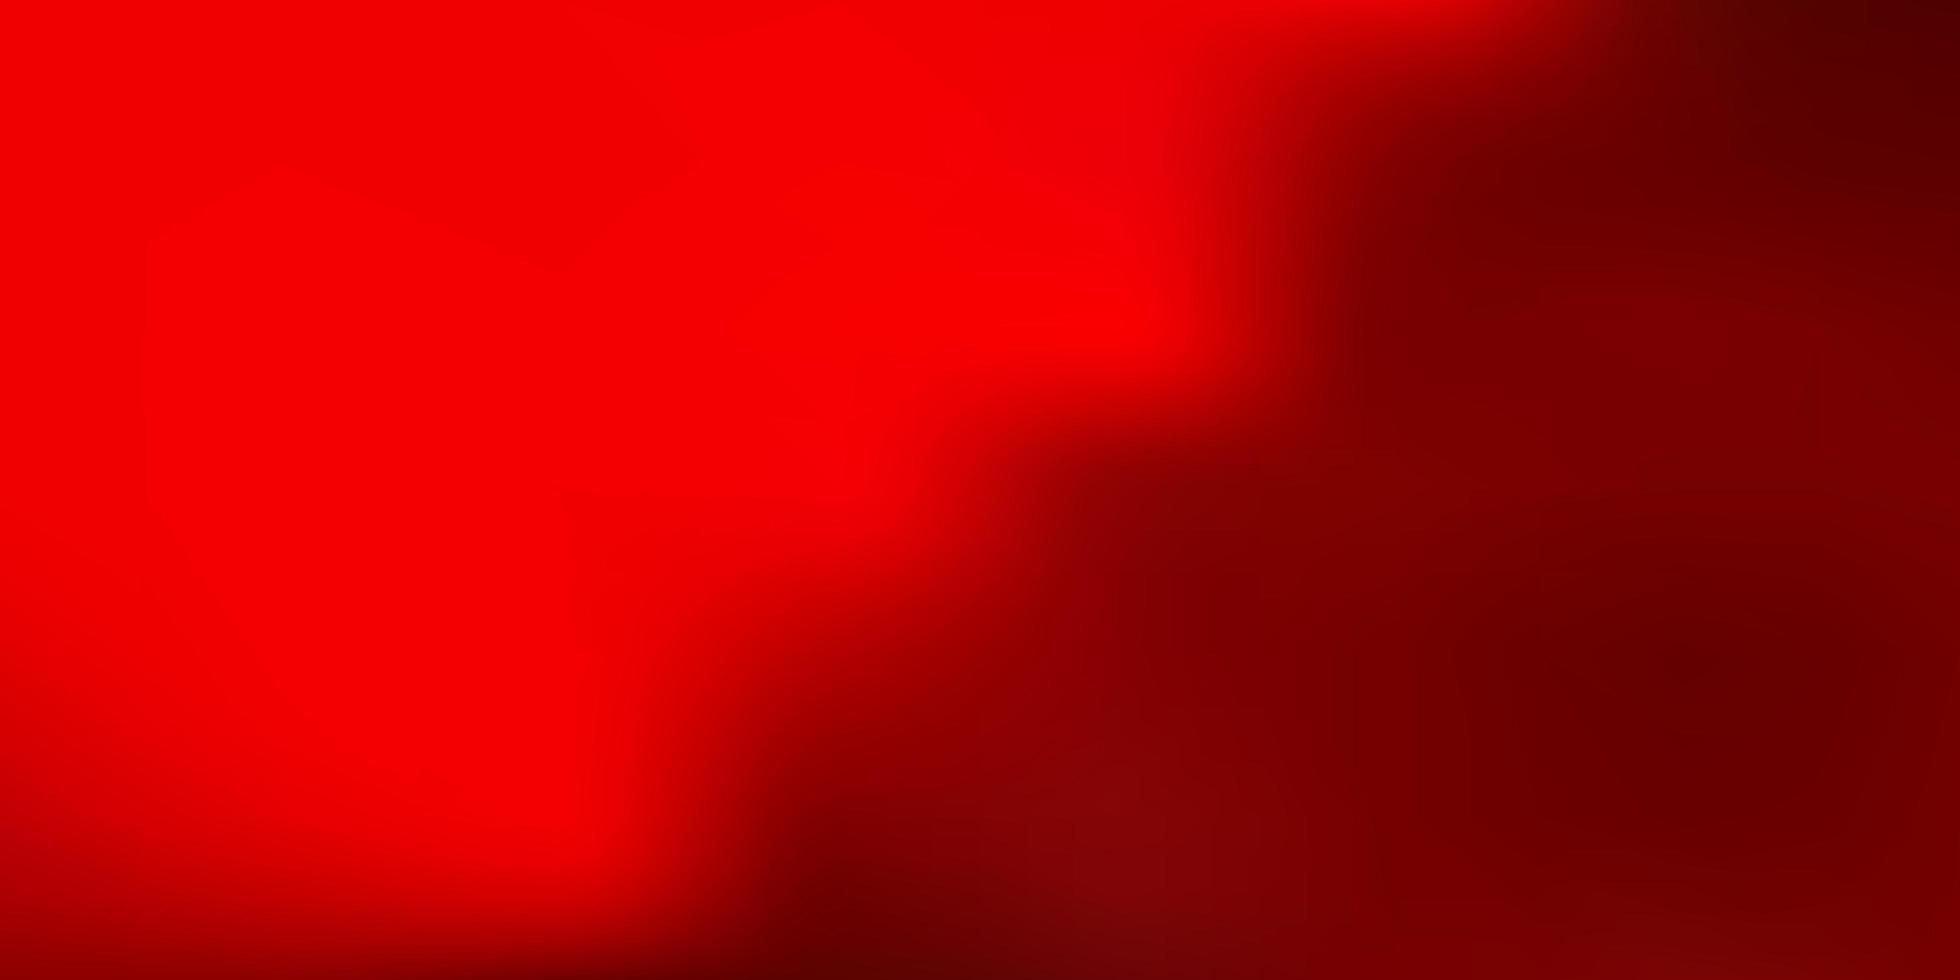 desenho de borrão de vetor vermelho claro.